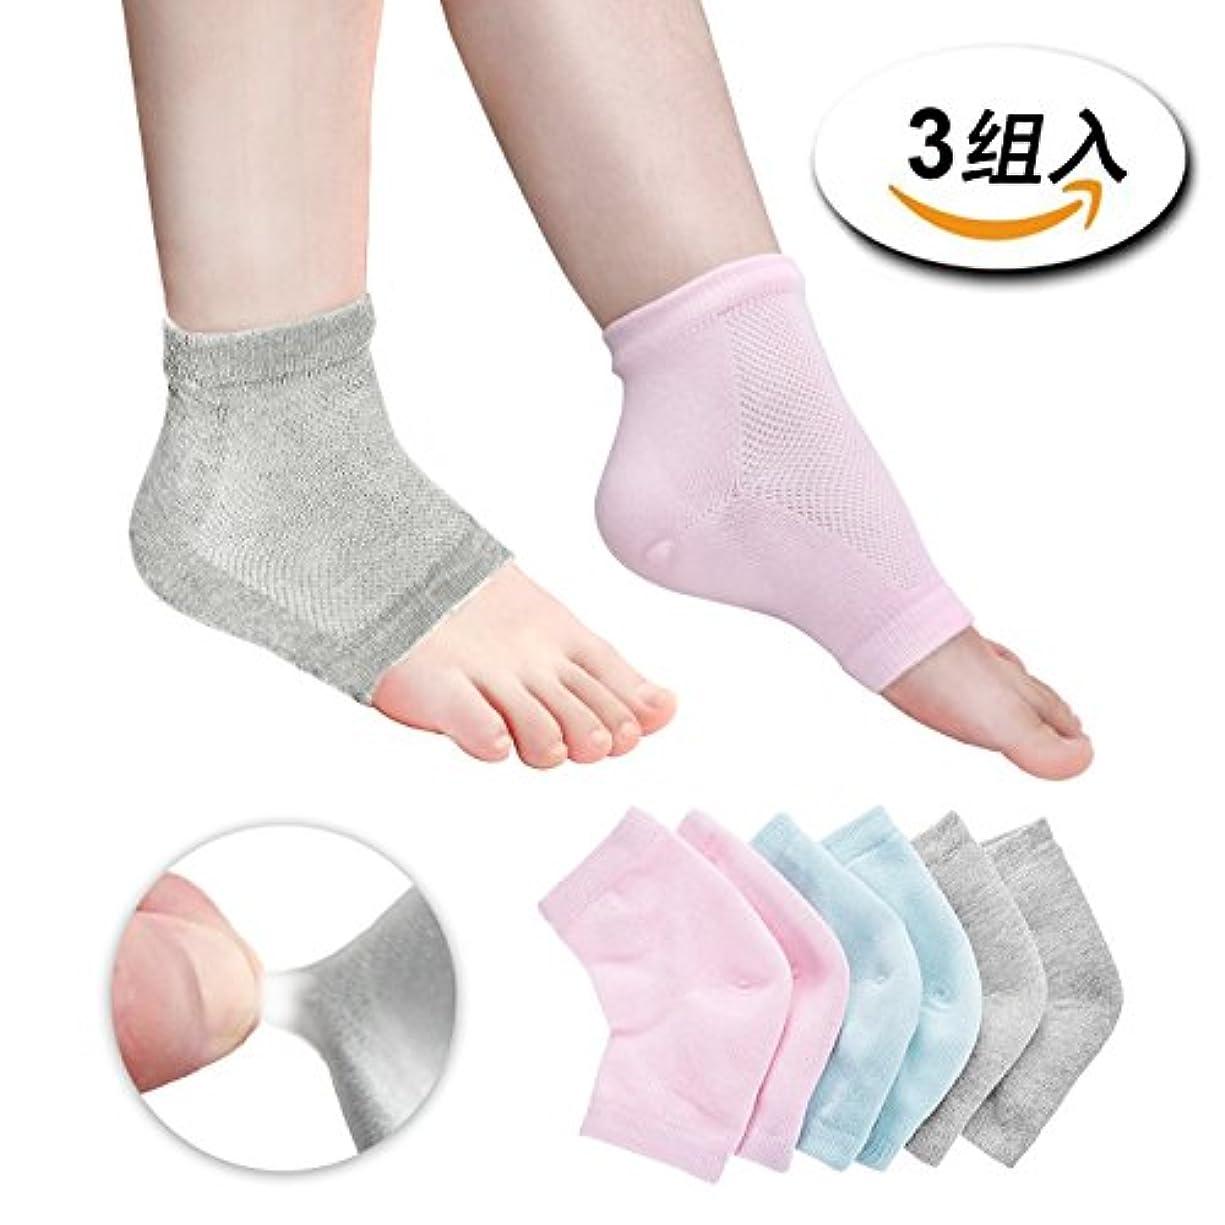 警告断片選択するDreecy かかと 靴下 かかと ケア つるつる 靴下 [3足入] ソックス レディース メンズ かかと ひび割れ 靴下 角質 ケア 保湿 角質除去 足ケア かかと ツルツル ソックス すべすべ 靴下